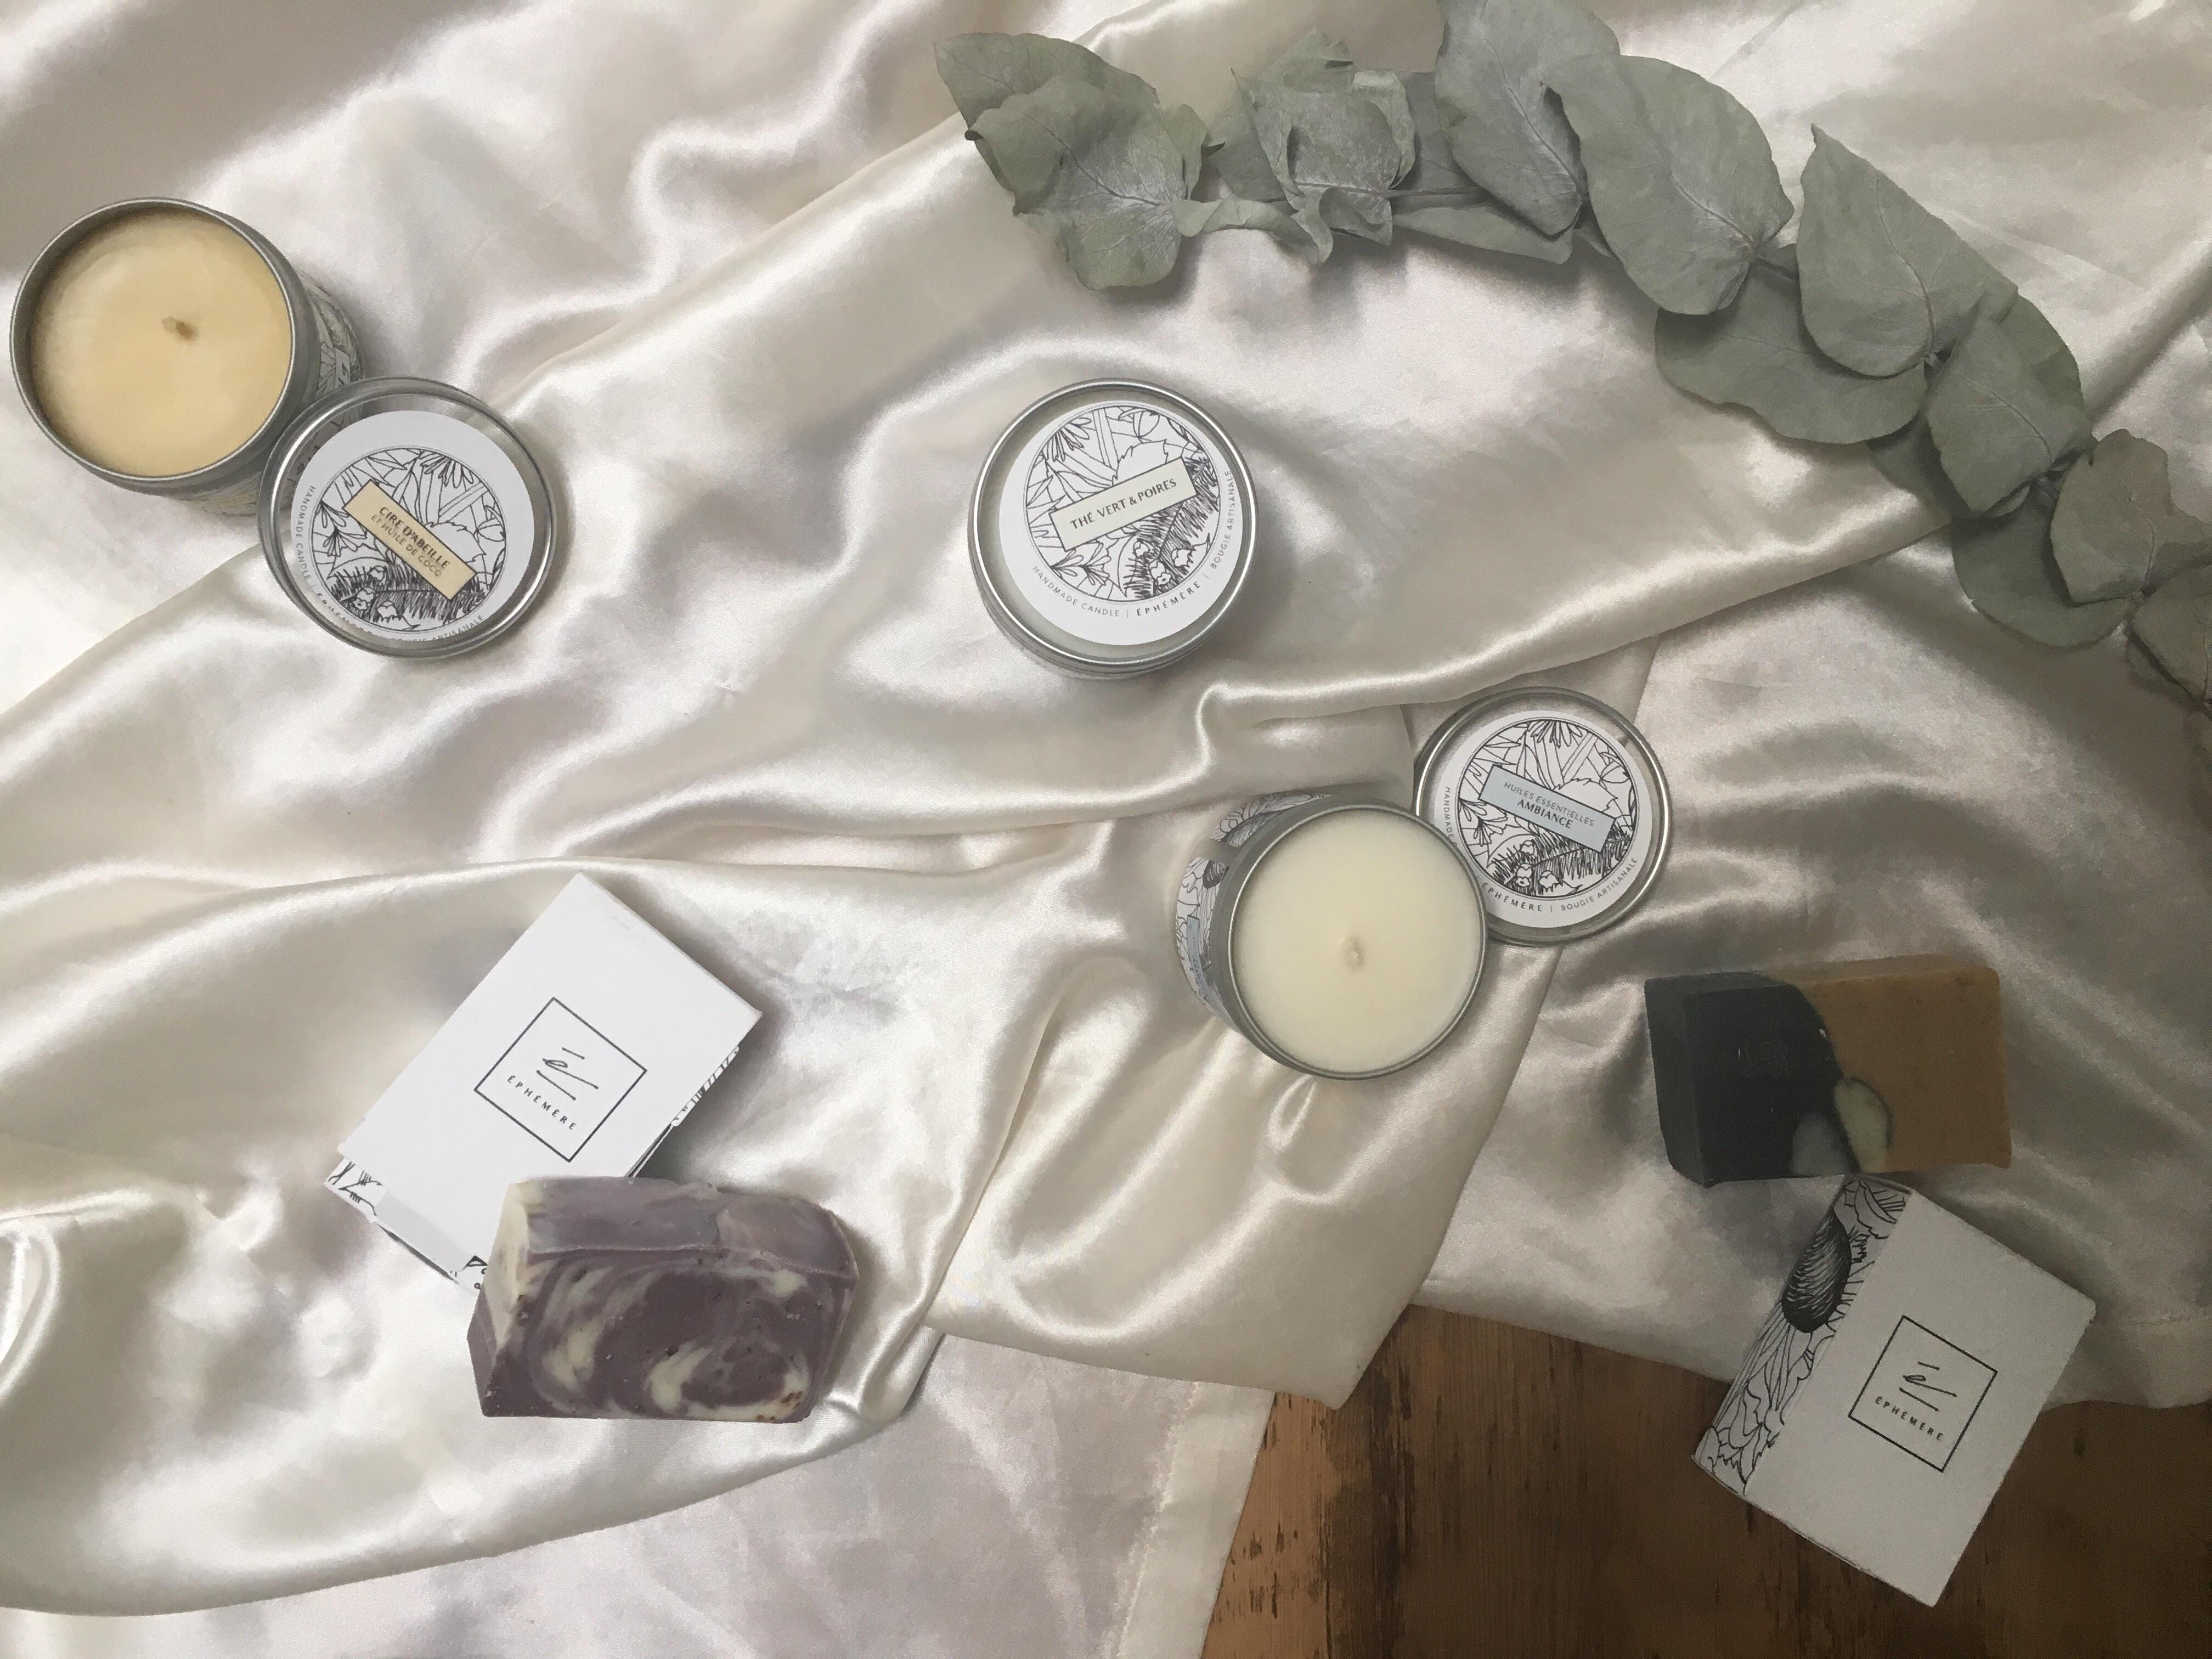 savonnerie, 100% naturels, chandelles et savonnerie, éphémère boutique, montréal, article, blog le cahier